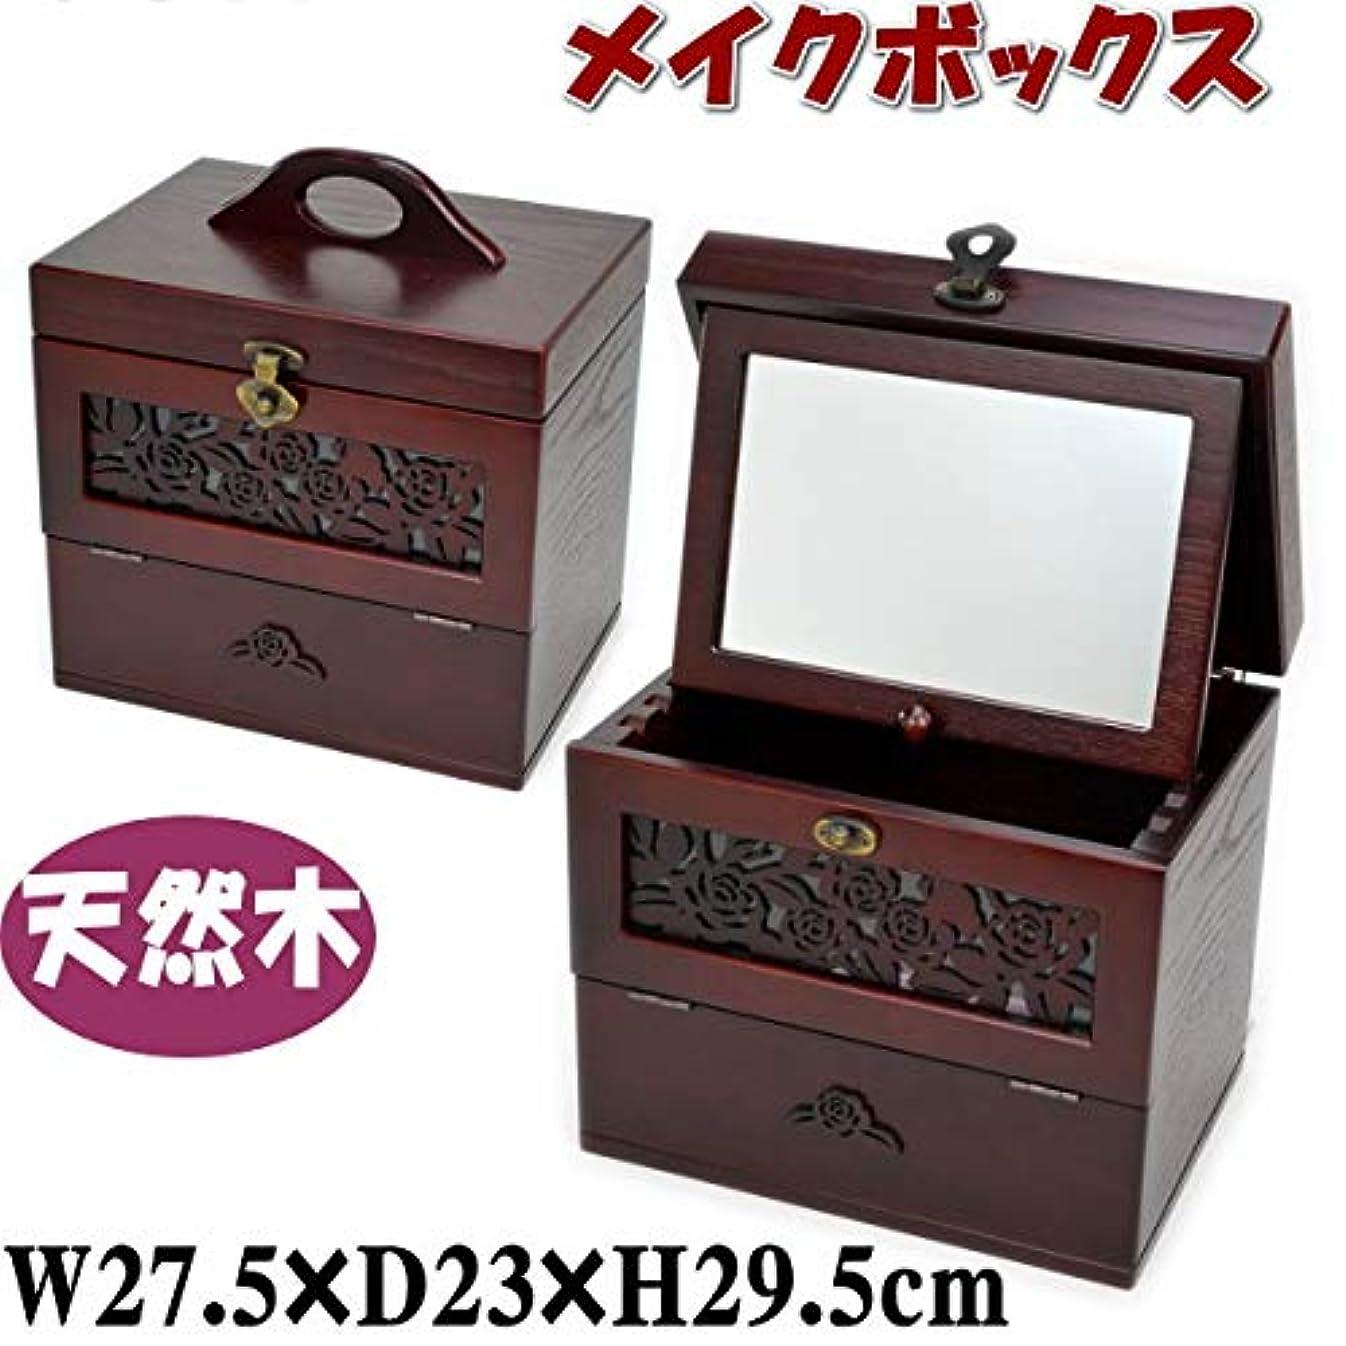 受け取るエジプト人イタリアのメイクボックス 木製 薔薇 ワイン ブラウン (おしゃれ コスメボックス メークボックス 鏡 収納